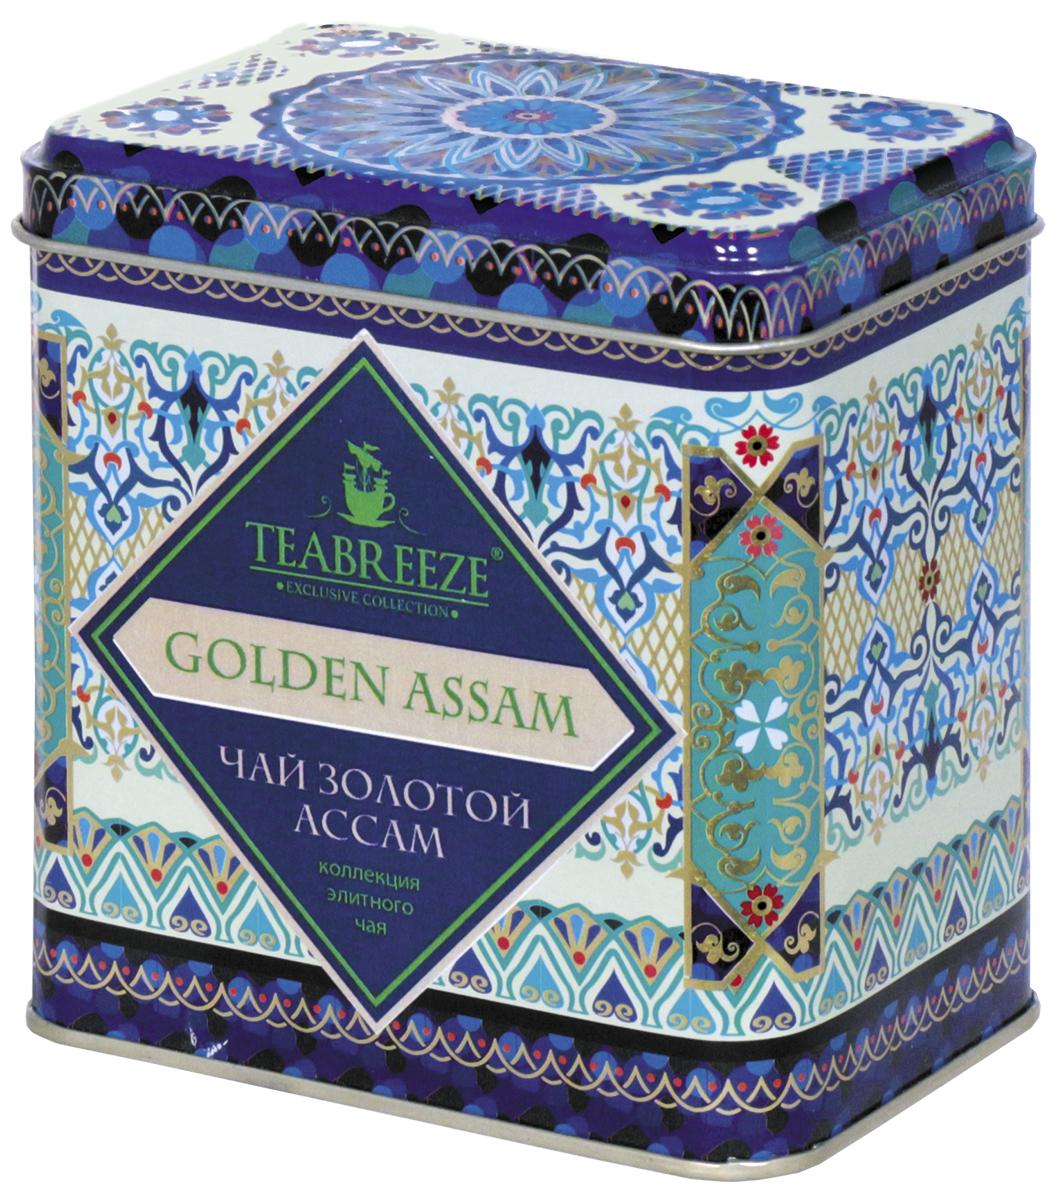 Teabreeze Золотой Ассам чай черный (прямоугольная), 100 гТВ 3004-100Чай в подарочной жестяной банке. Чай Золотой Ассам - Черное золото Индии. Именно так следует называть чай из провинции Ассам. Этот чай прославил не только своё место рождения. Его классический, немного вяжущий вкус познакомил весь мир с черным индийским чаем. Ароматный, золотой настойпришелся по вкусу английской династии принцев Оранских, за что и был удостоен высочайшего внимания и распространился по всему миру. Теперь качество чайного листа с золотых высокогорий индийских Гималаев отмечается именно так: чай, достойный королей. Прикоснуться к великой традиции чаепития поможет Золотой Ассам. Его терпкий настой с тончайшими оттенками вкуса радует глаз и оставляет на языке непередаваемую гамму стойкого чайного послевкусия.